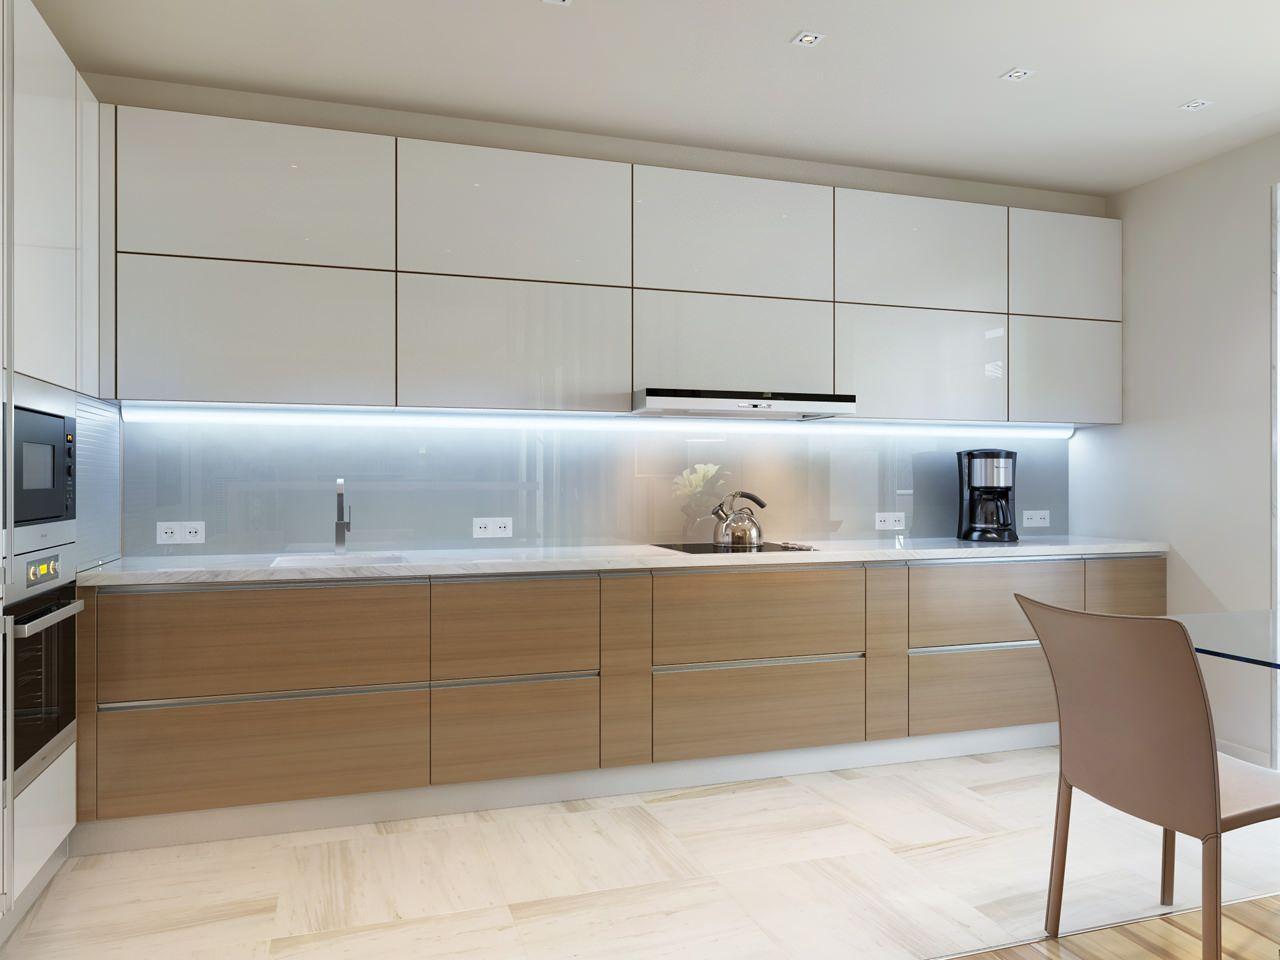 Dise o de muebles de cocina modernos cocina preciosa for Cocinas pequenas disenos modernos